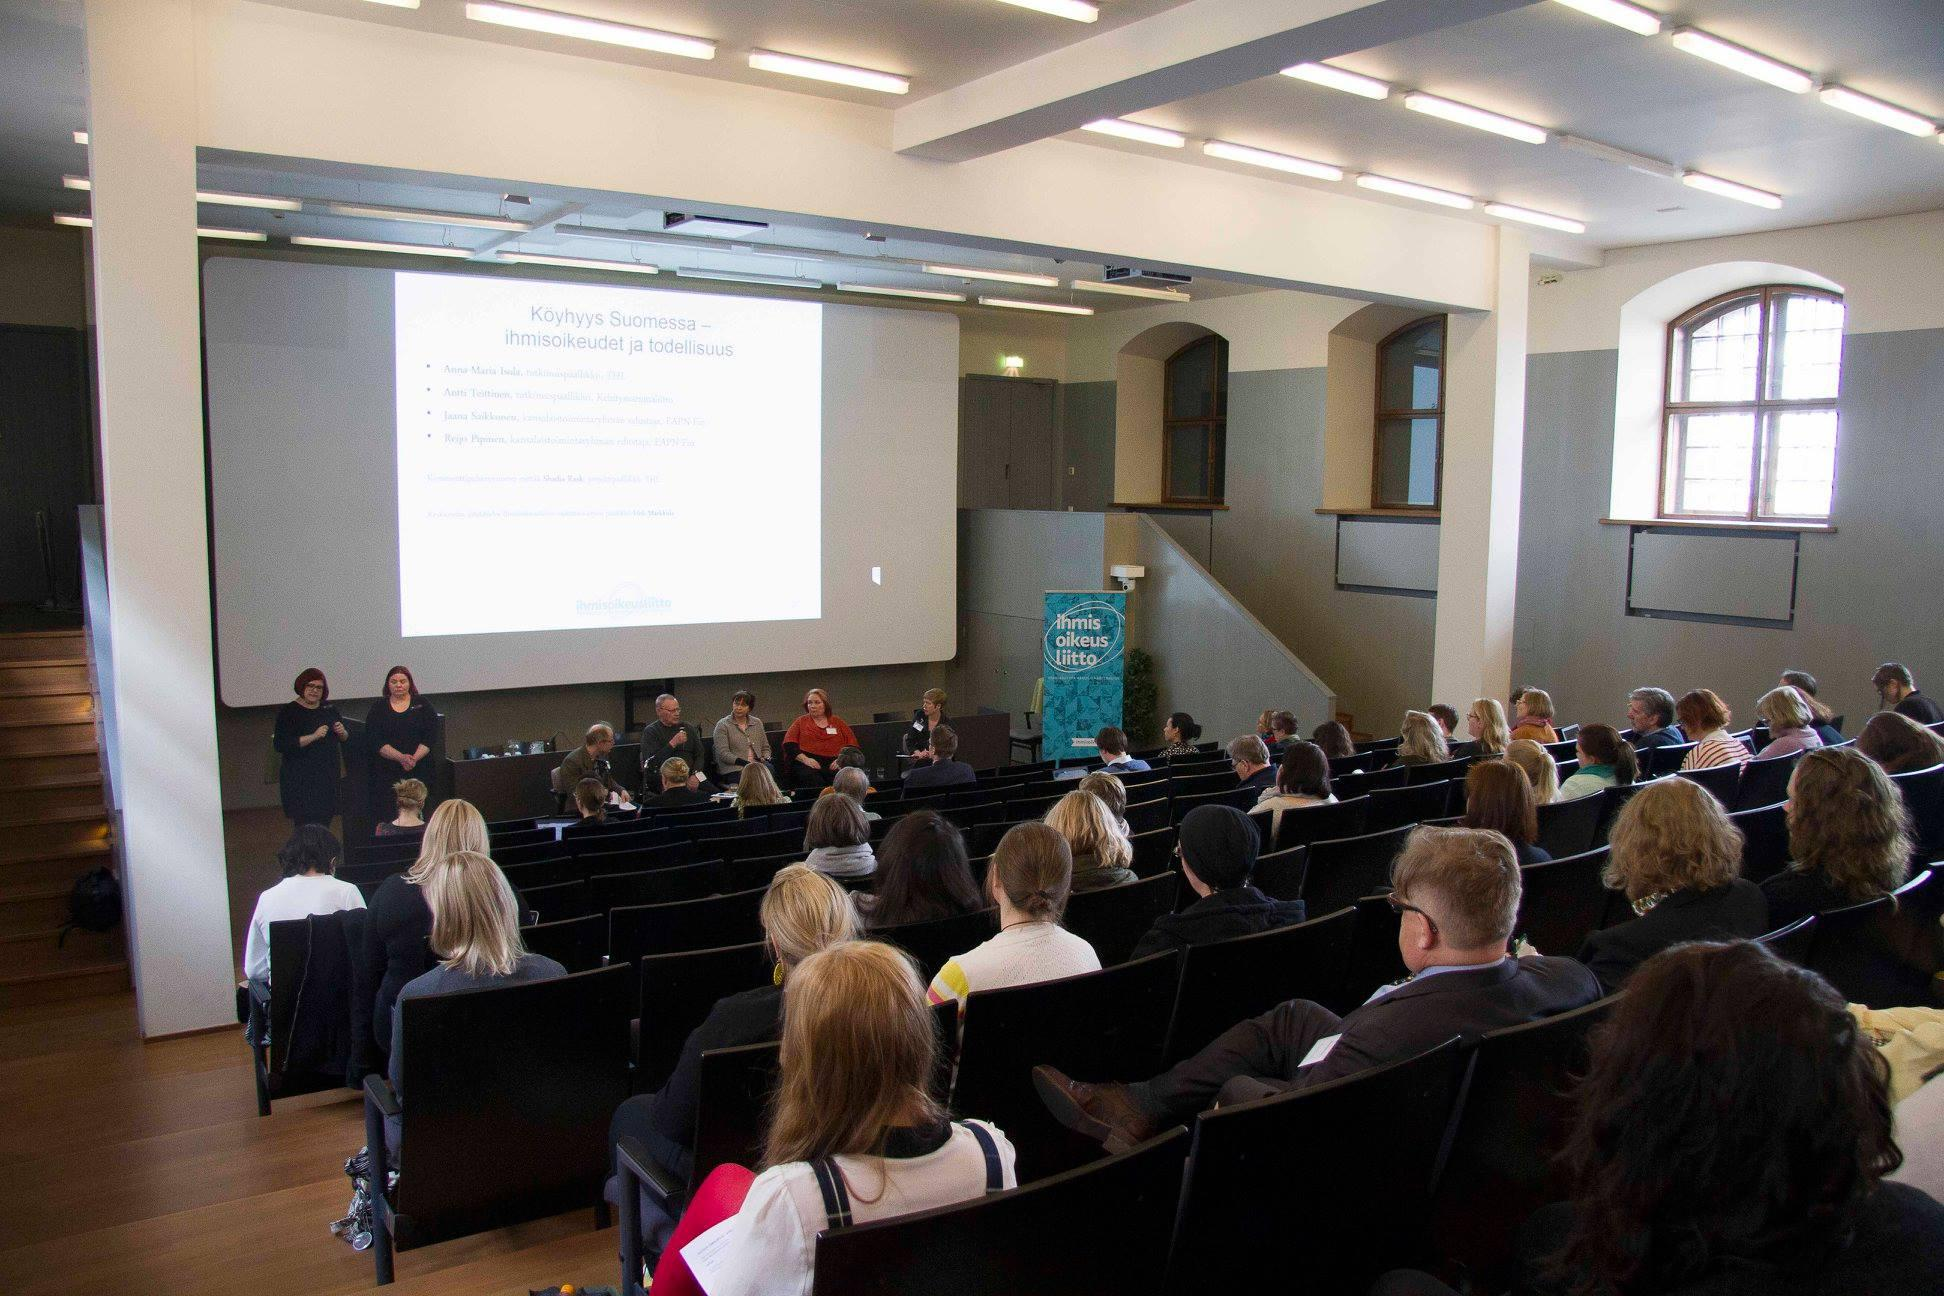 Riittävä toimeentulo - kyse on ihmisoikeudesta -seminaari keräsi runsaslukuisen yleisön.